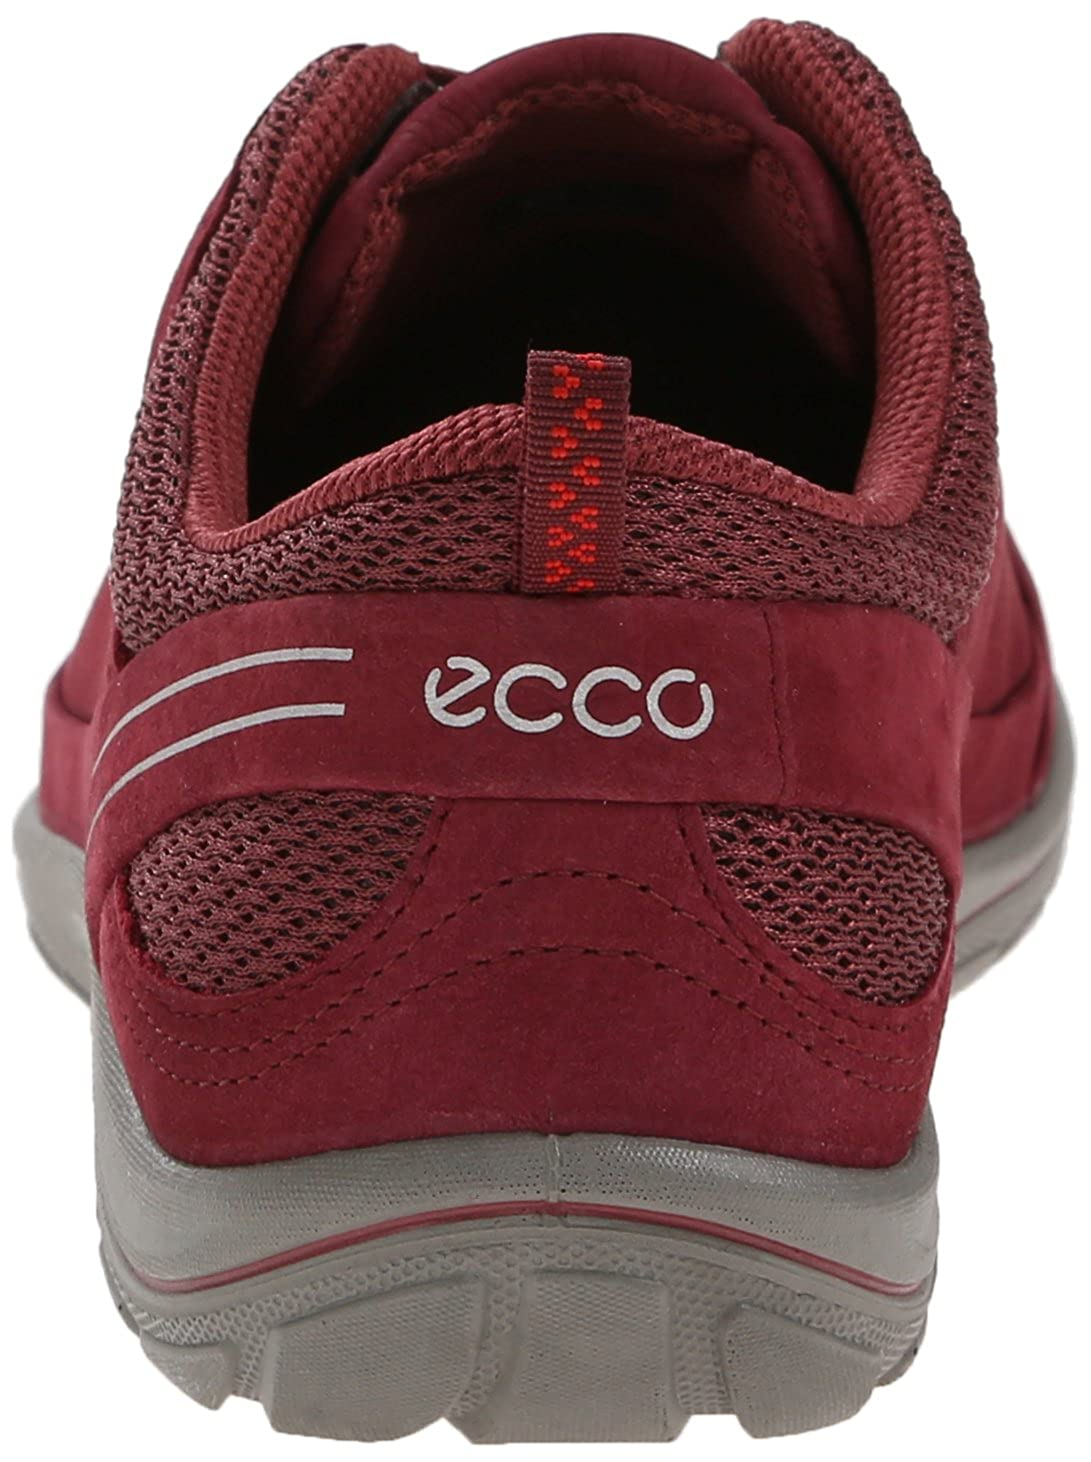 ECCO ECCO ECCO ARIZONA Damen Outdoor Fitnessschuhe  5f6937